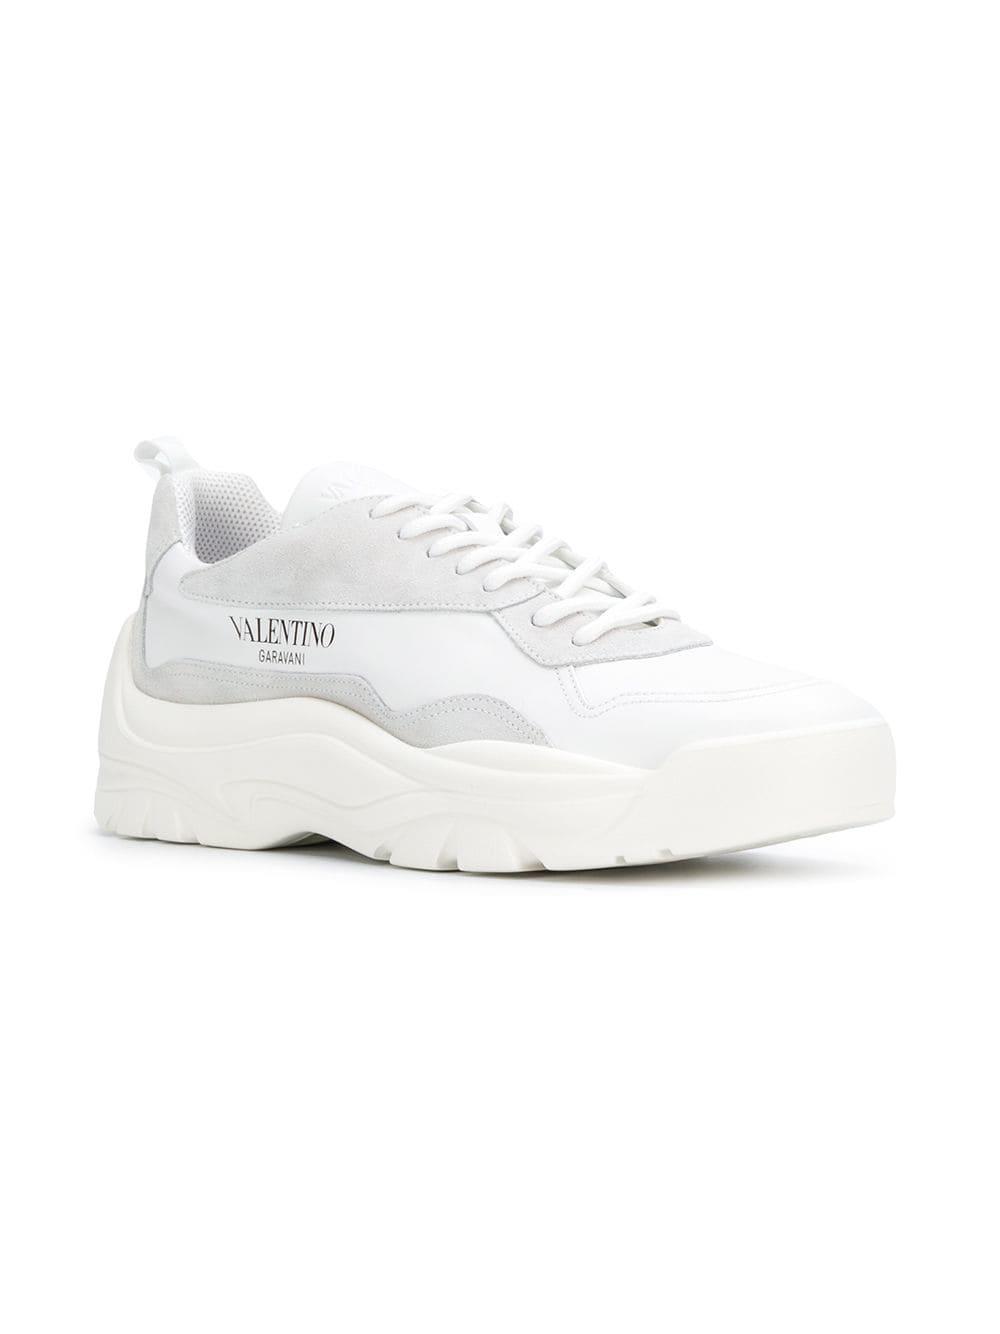 27f76f9022fa Valentino Garavani Chunky Sole Sneakers in White for Men - Save 2% - Lyst